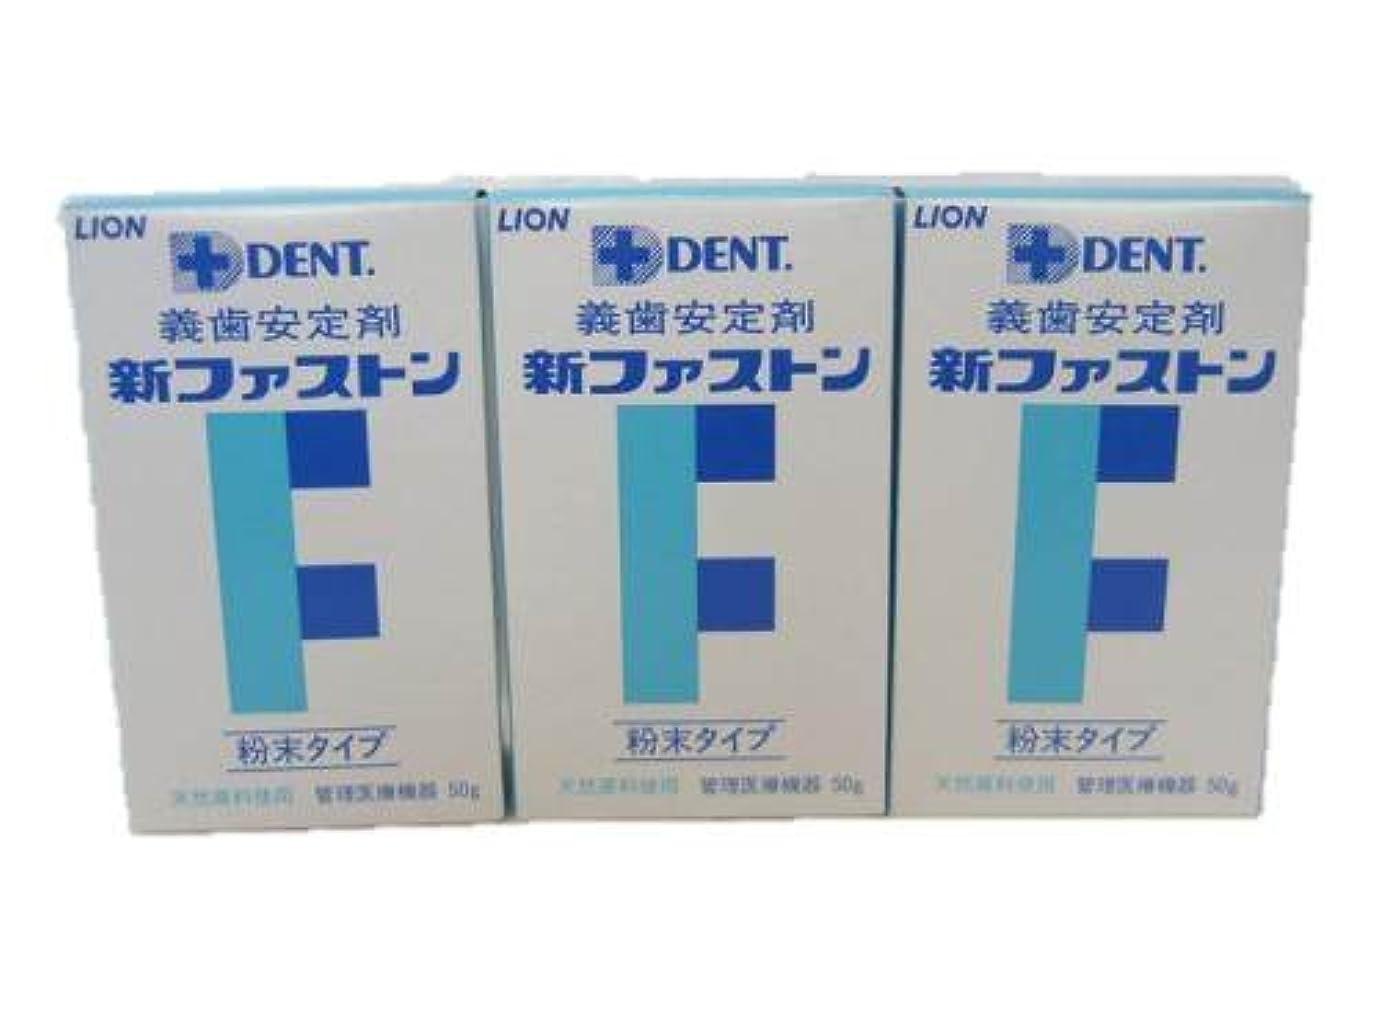 フルーツ量でに変わるライオン(LION) DENT. デント 新ファストン(義歯安定剤) 粉末 50g × 3箱セット